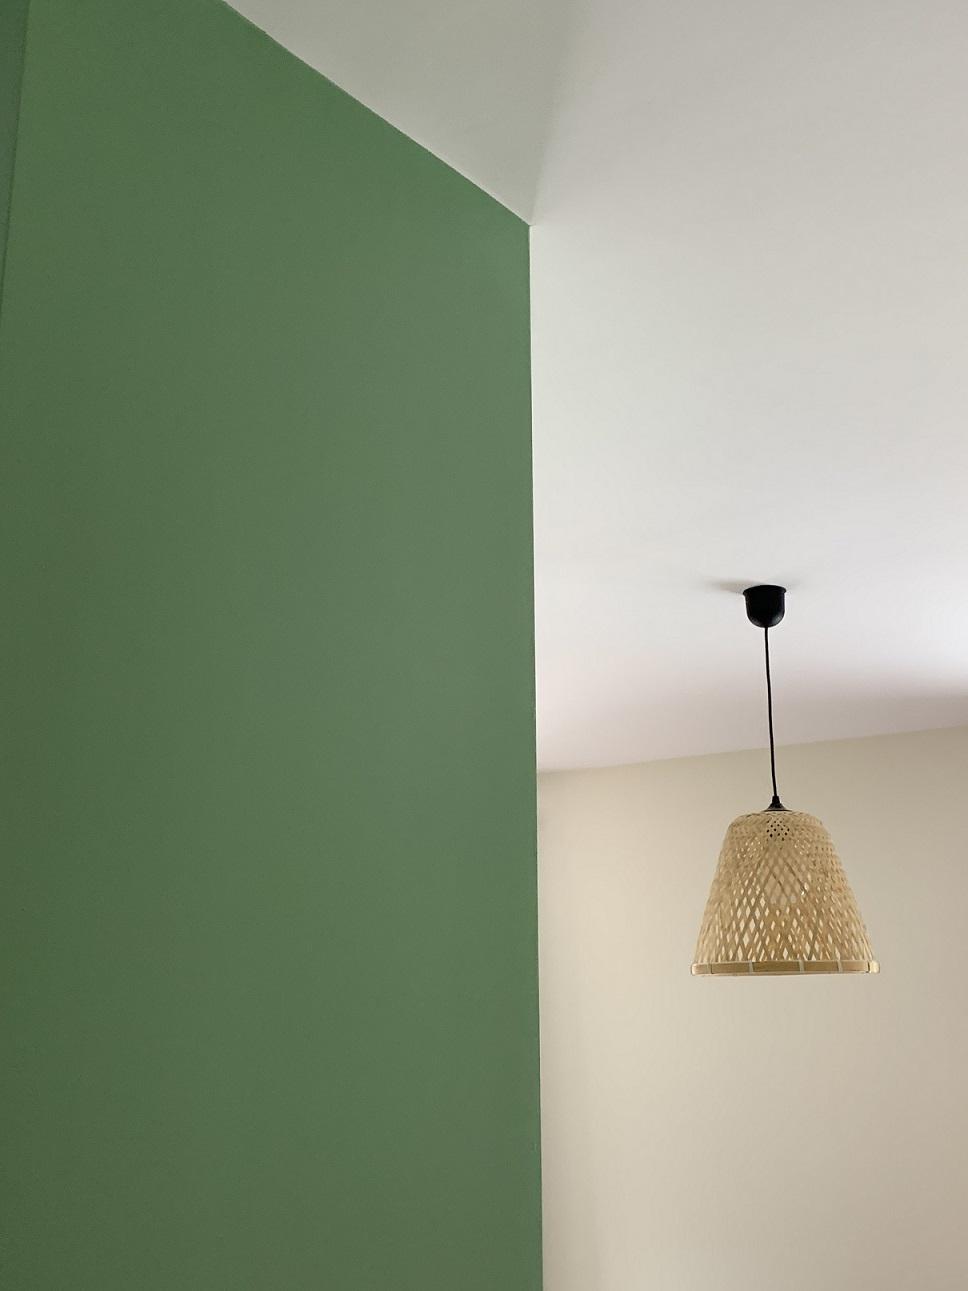 réalisation Vaires peinture verte mur